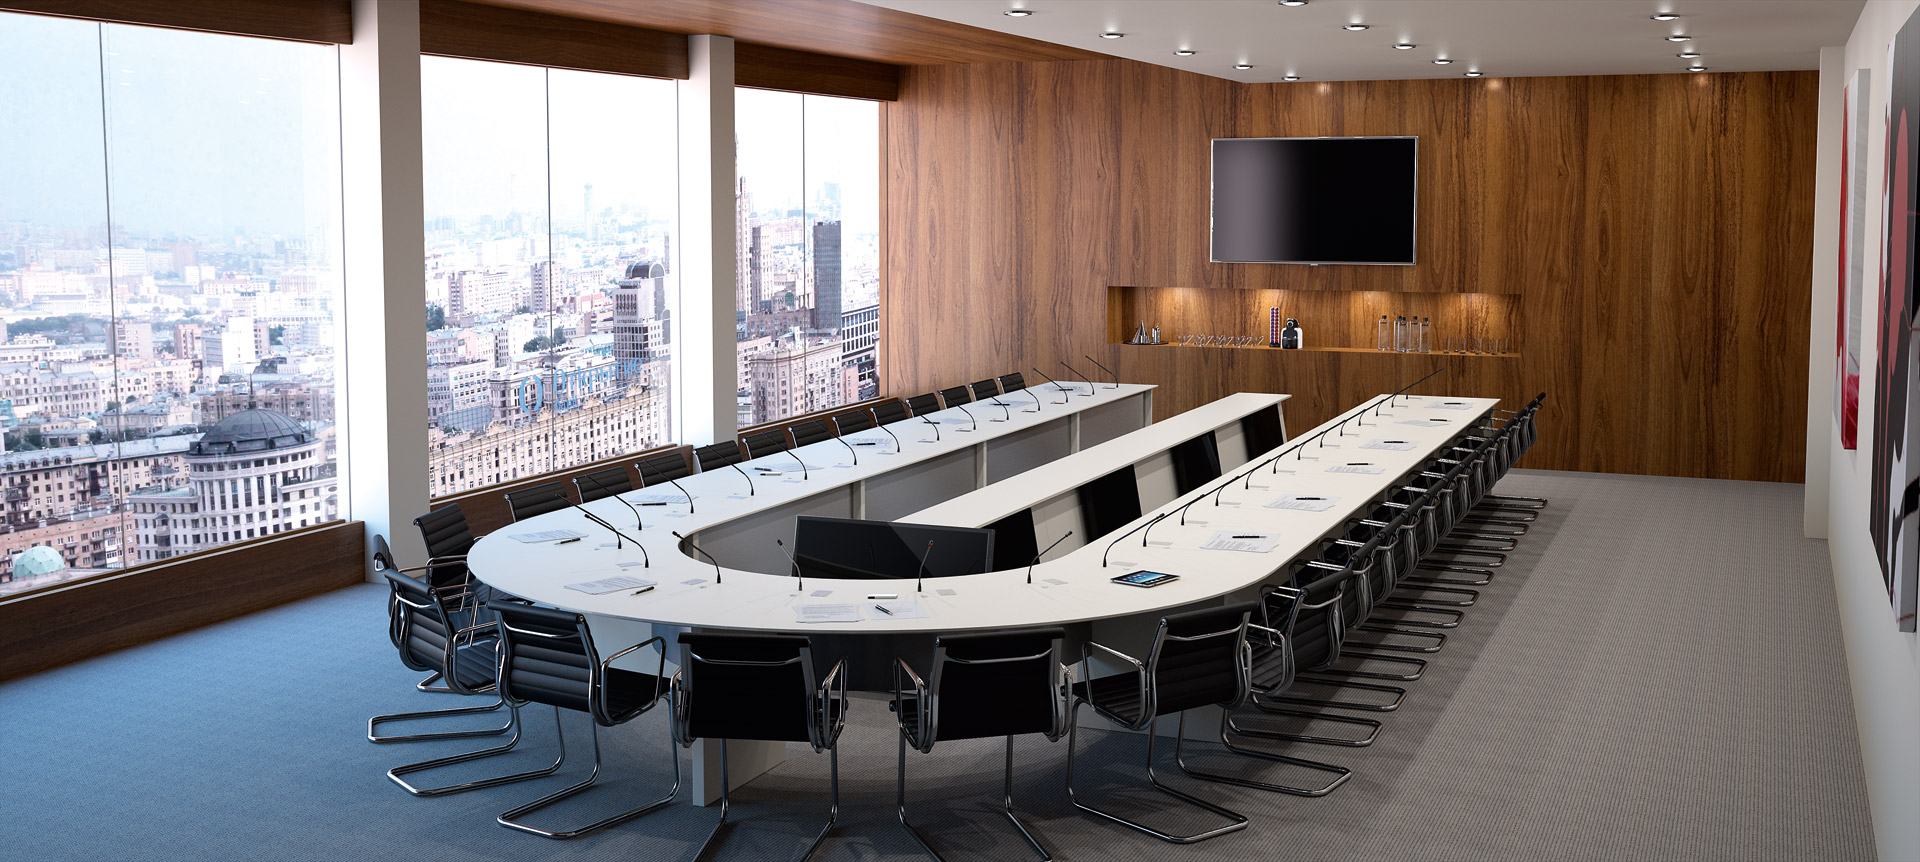 LIFTY - Totem pour salle de conseil - report écrans